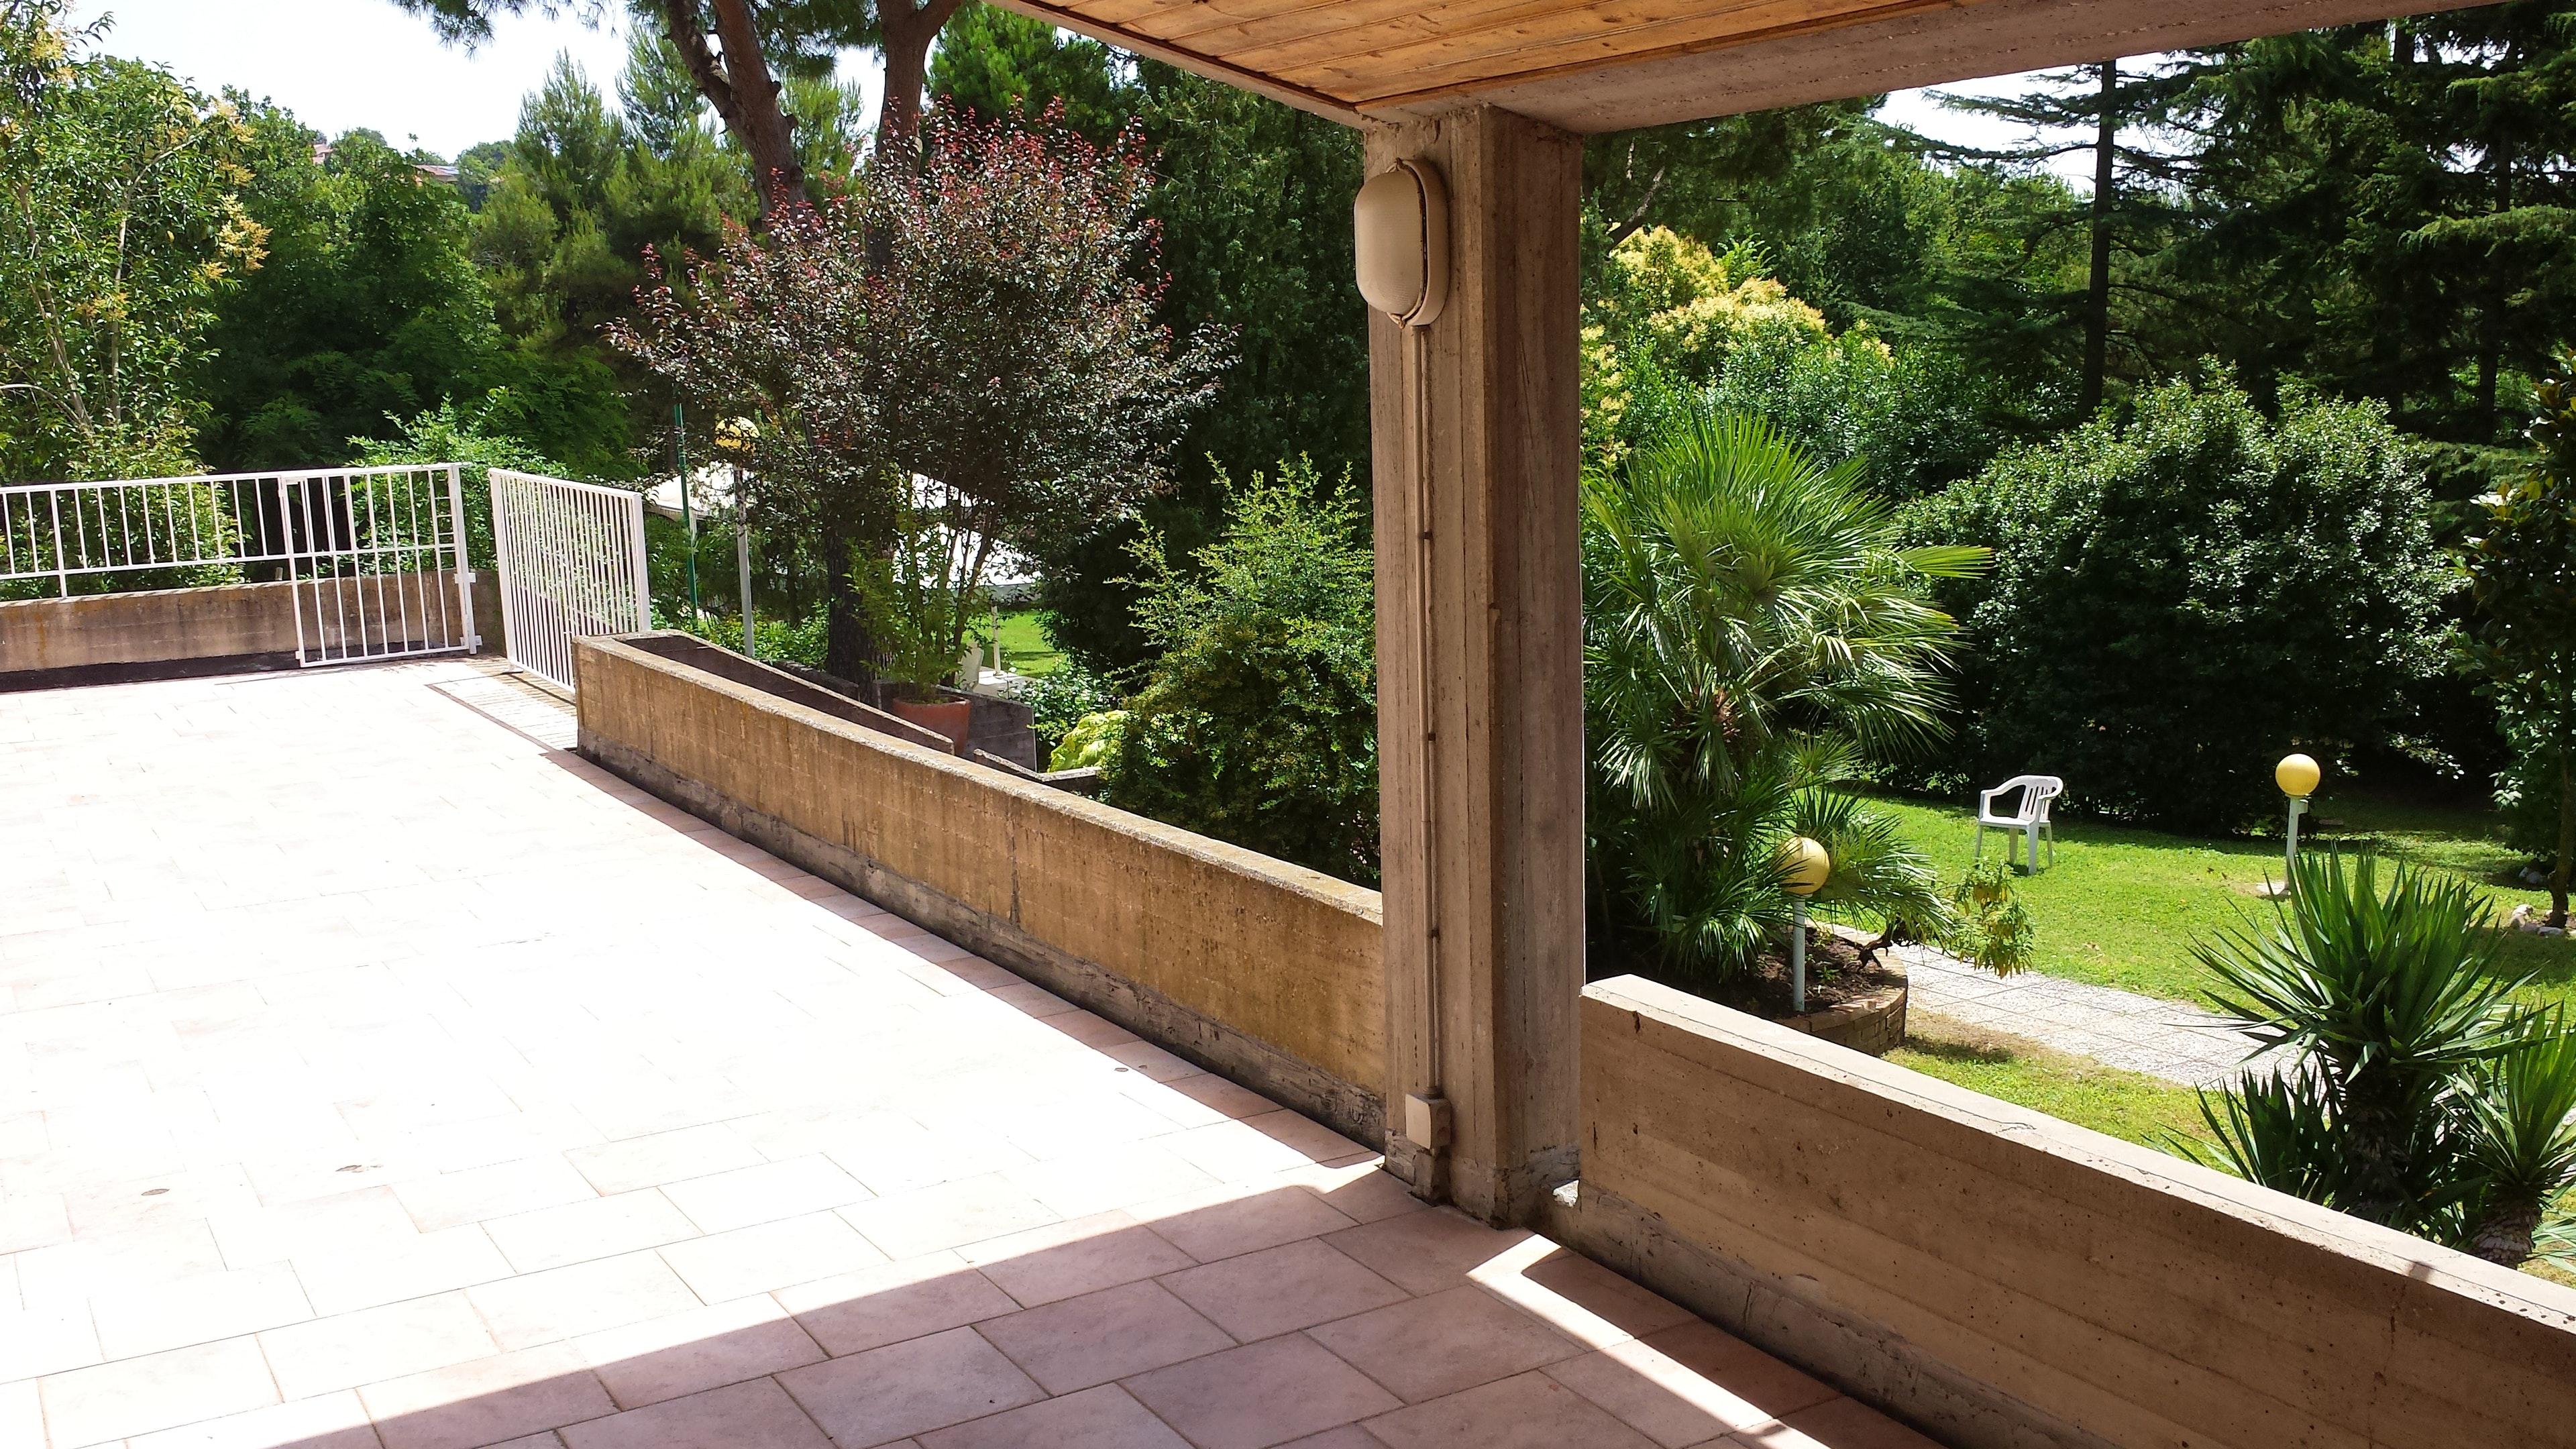 Ferienwohnung Wohnung mit 3 Schlafzimmern in Pesaro mit Pool, eingezäuntem Garten und W-LAN - 4 km vom S (2339355), Pesaro, Pesaro und Urbino, Marken, Italien, Bild 16